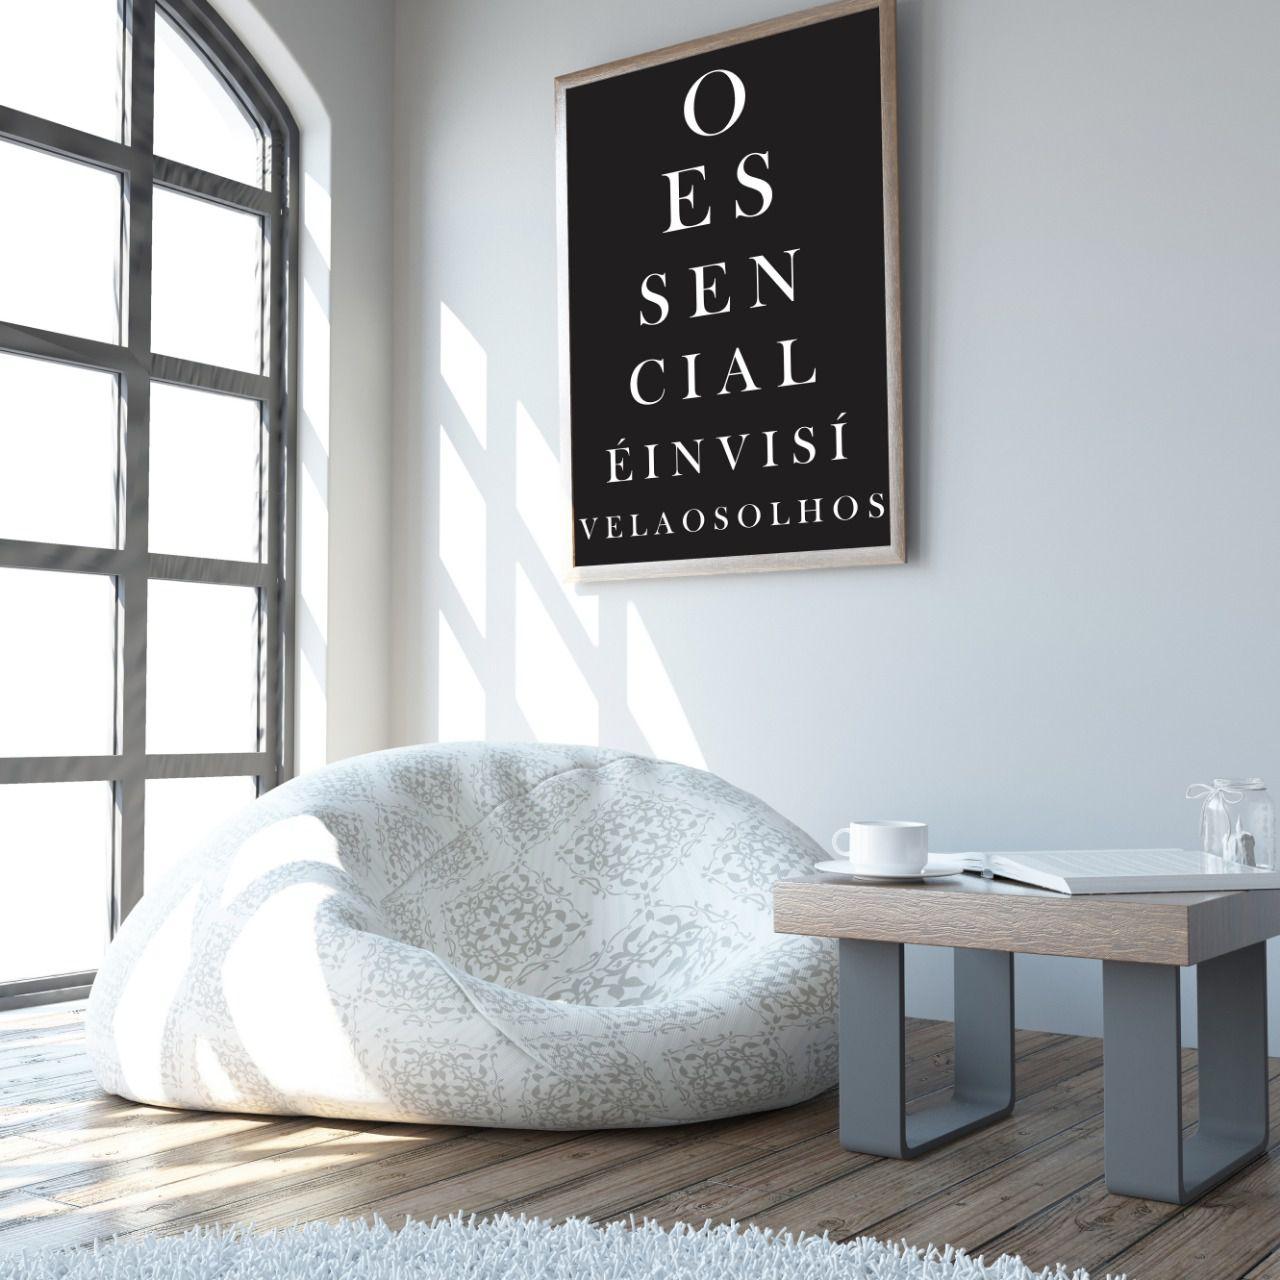 Placas decorativas em PVC - Frases